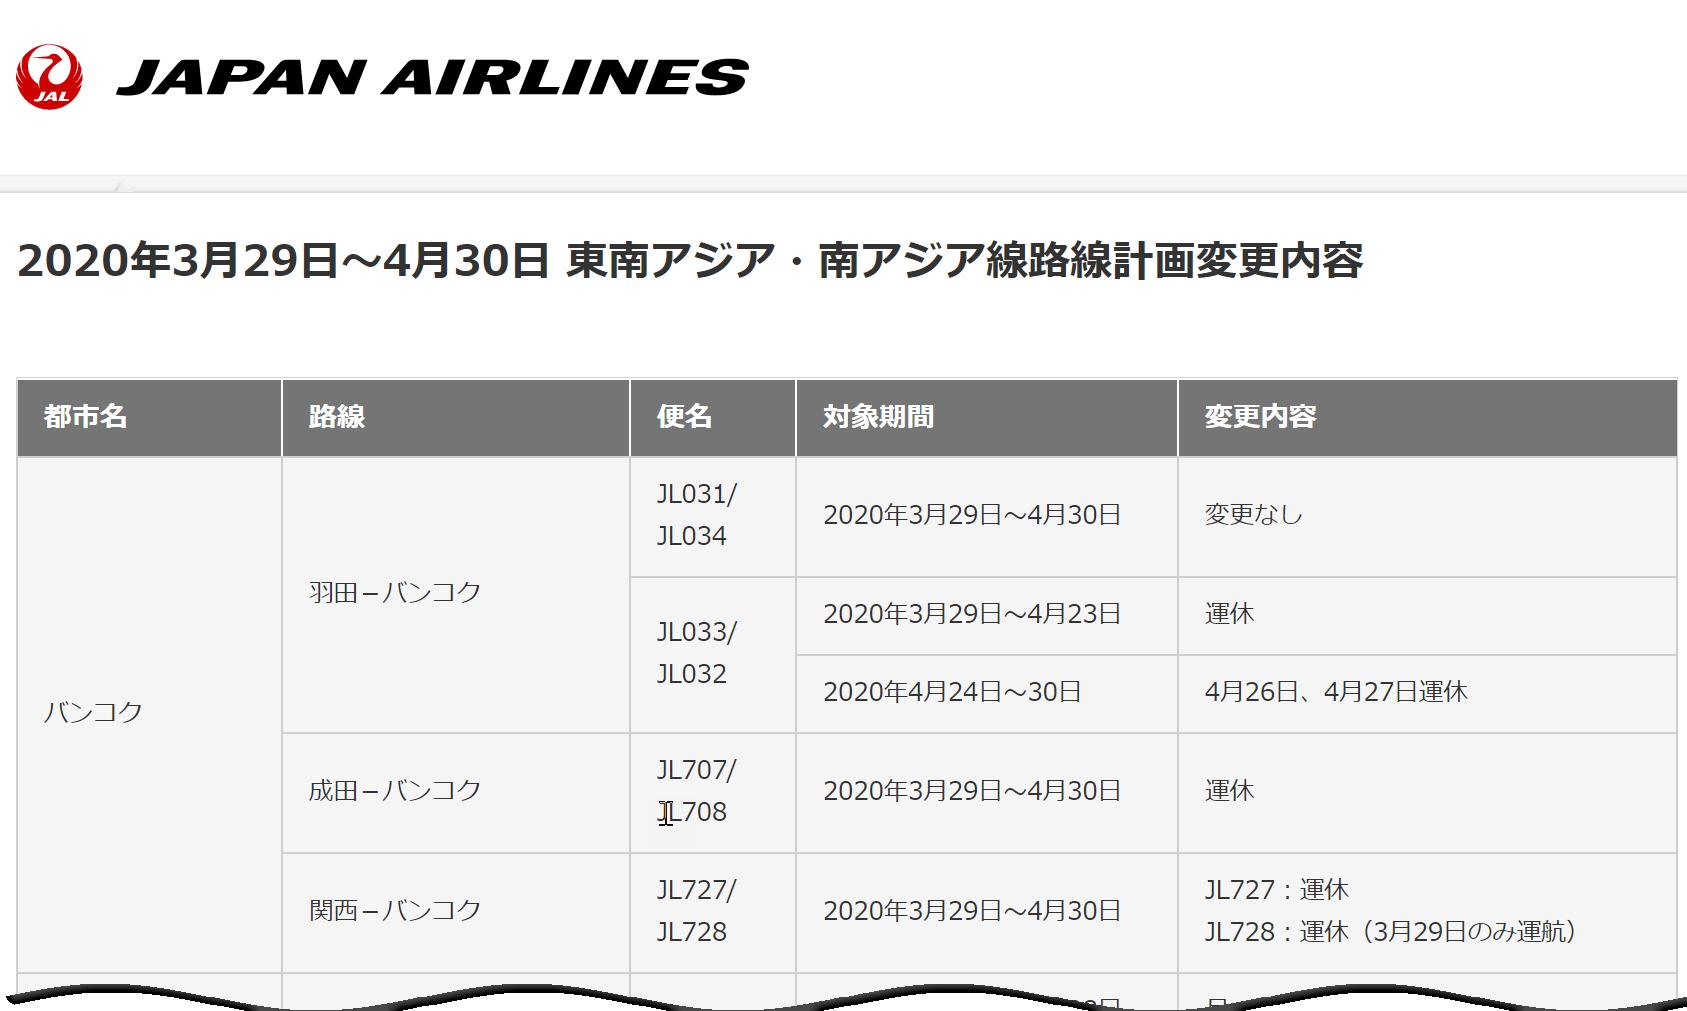 JAL 新型コロナウイルスの影響に伴う3月および4月 国際線 路線・便数計画の一部変更について(追加分⑭